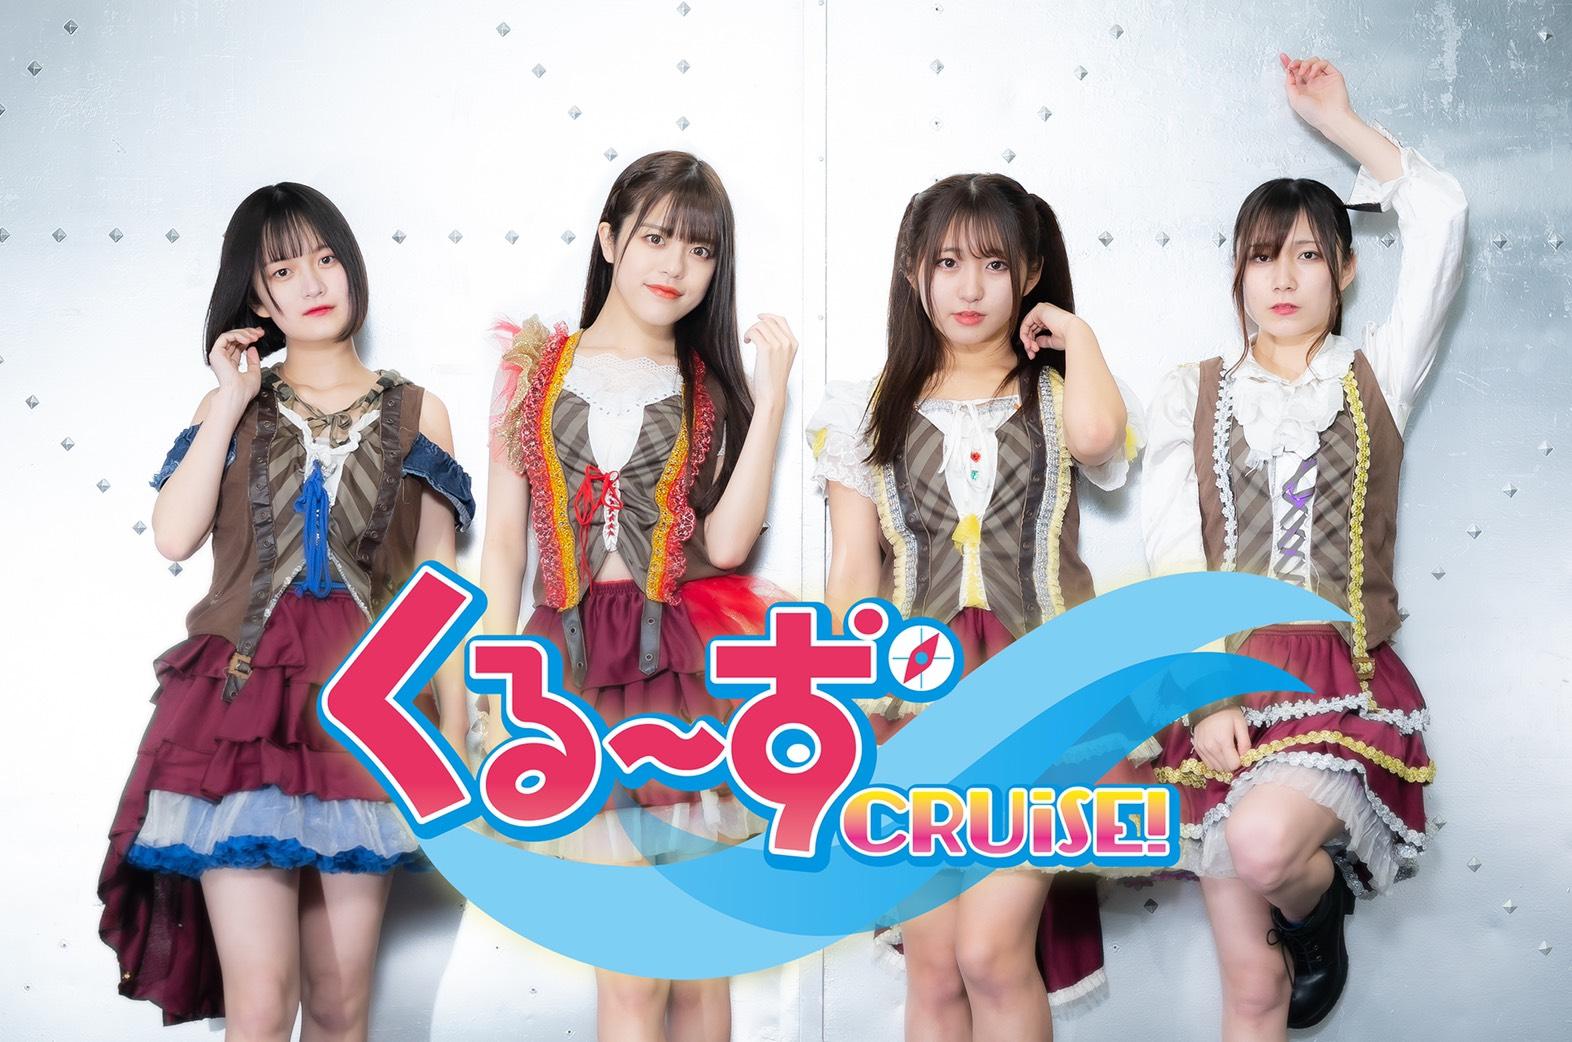 5/5くるーず~CRUiSE!/C-FresH ミニライブ&特典会